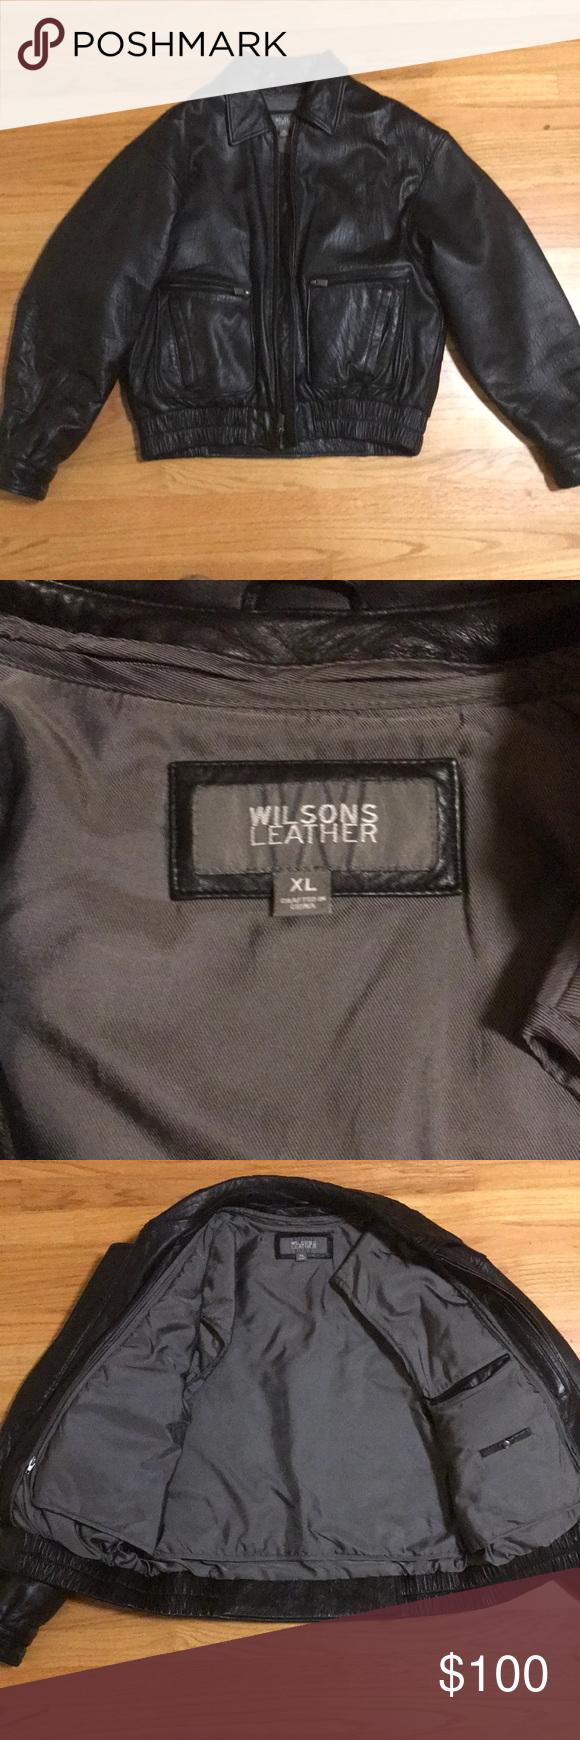 XL Wilsons Leather Bomber Jacket Leather bomber jacket